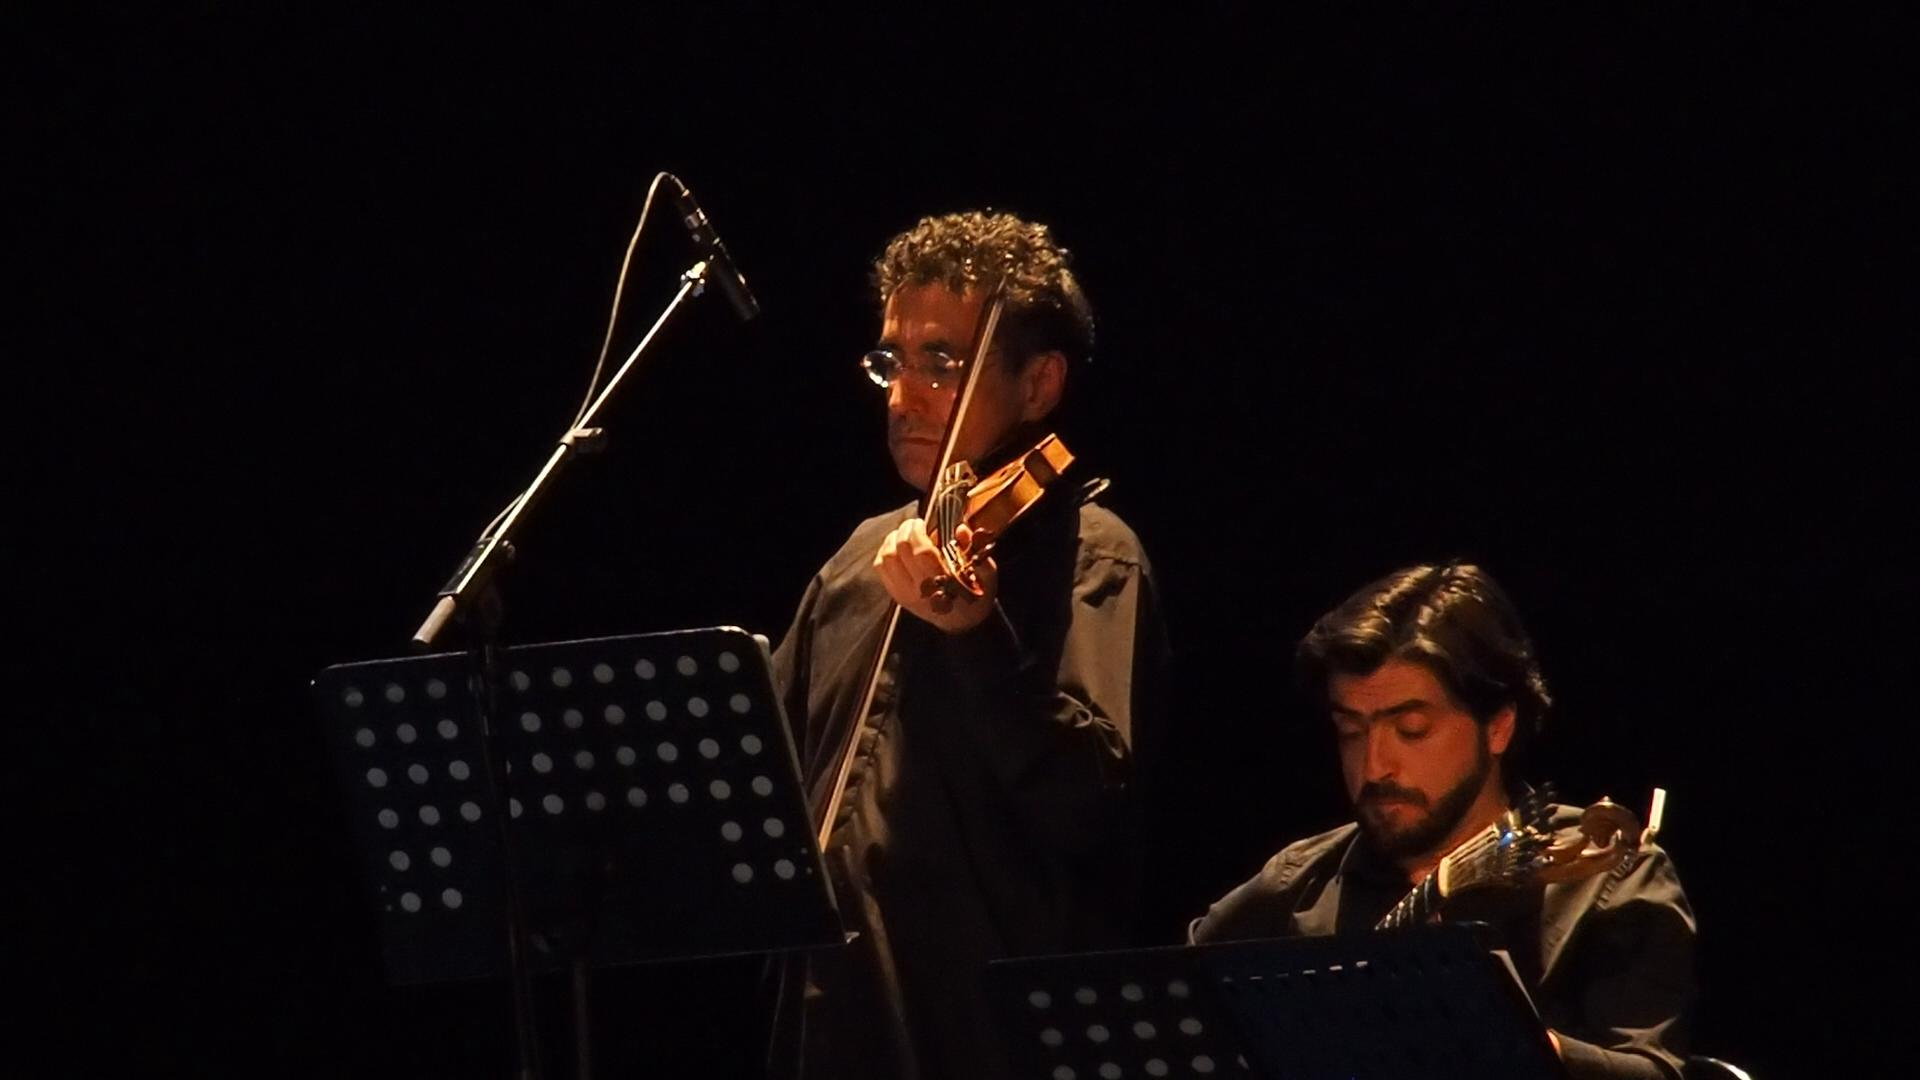 Luís Pacheco Cunha